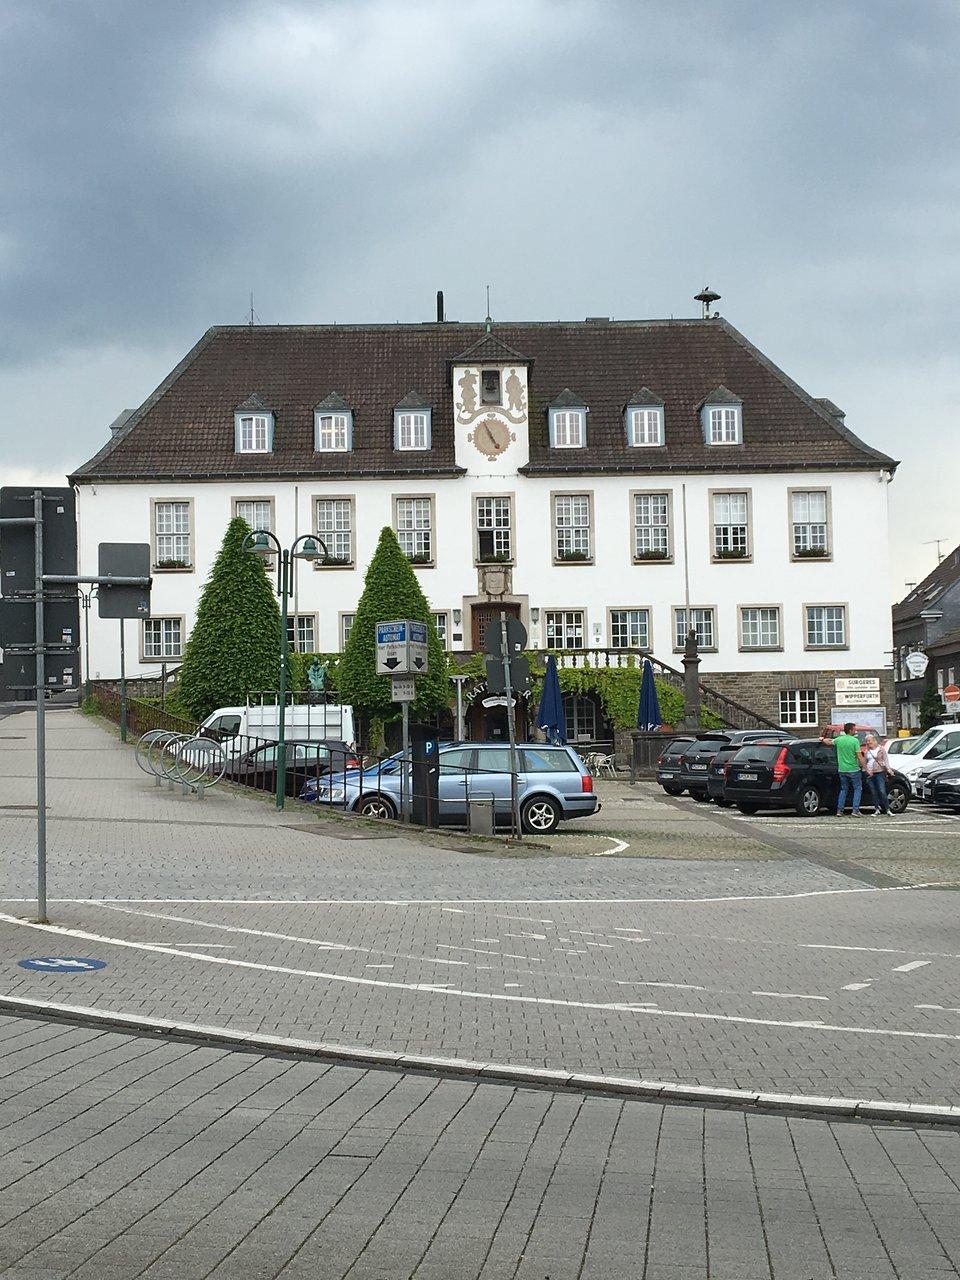 Haus der familie wipperfürth